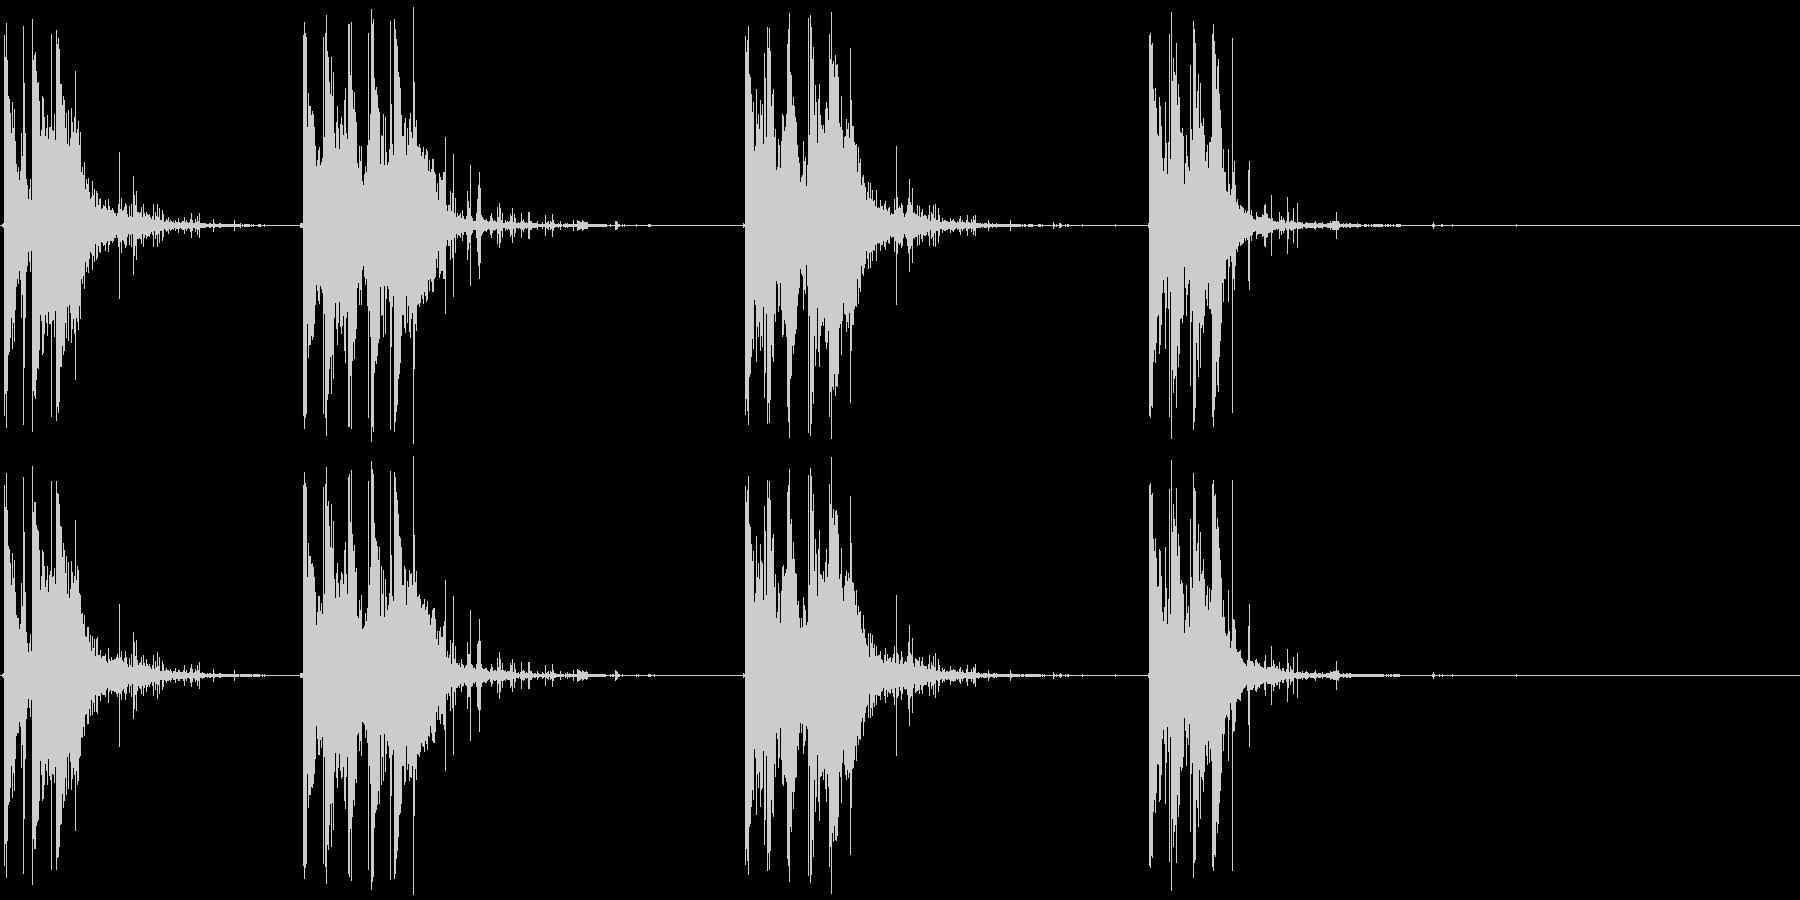 弾丸リコシェット、ダート、マシンガ...の未再生の波形